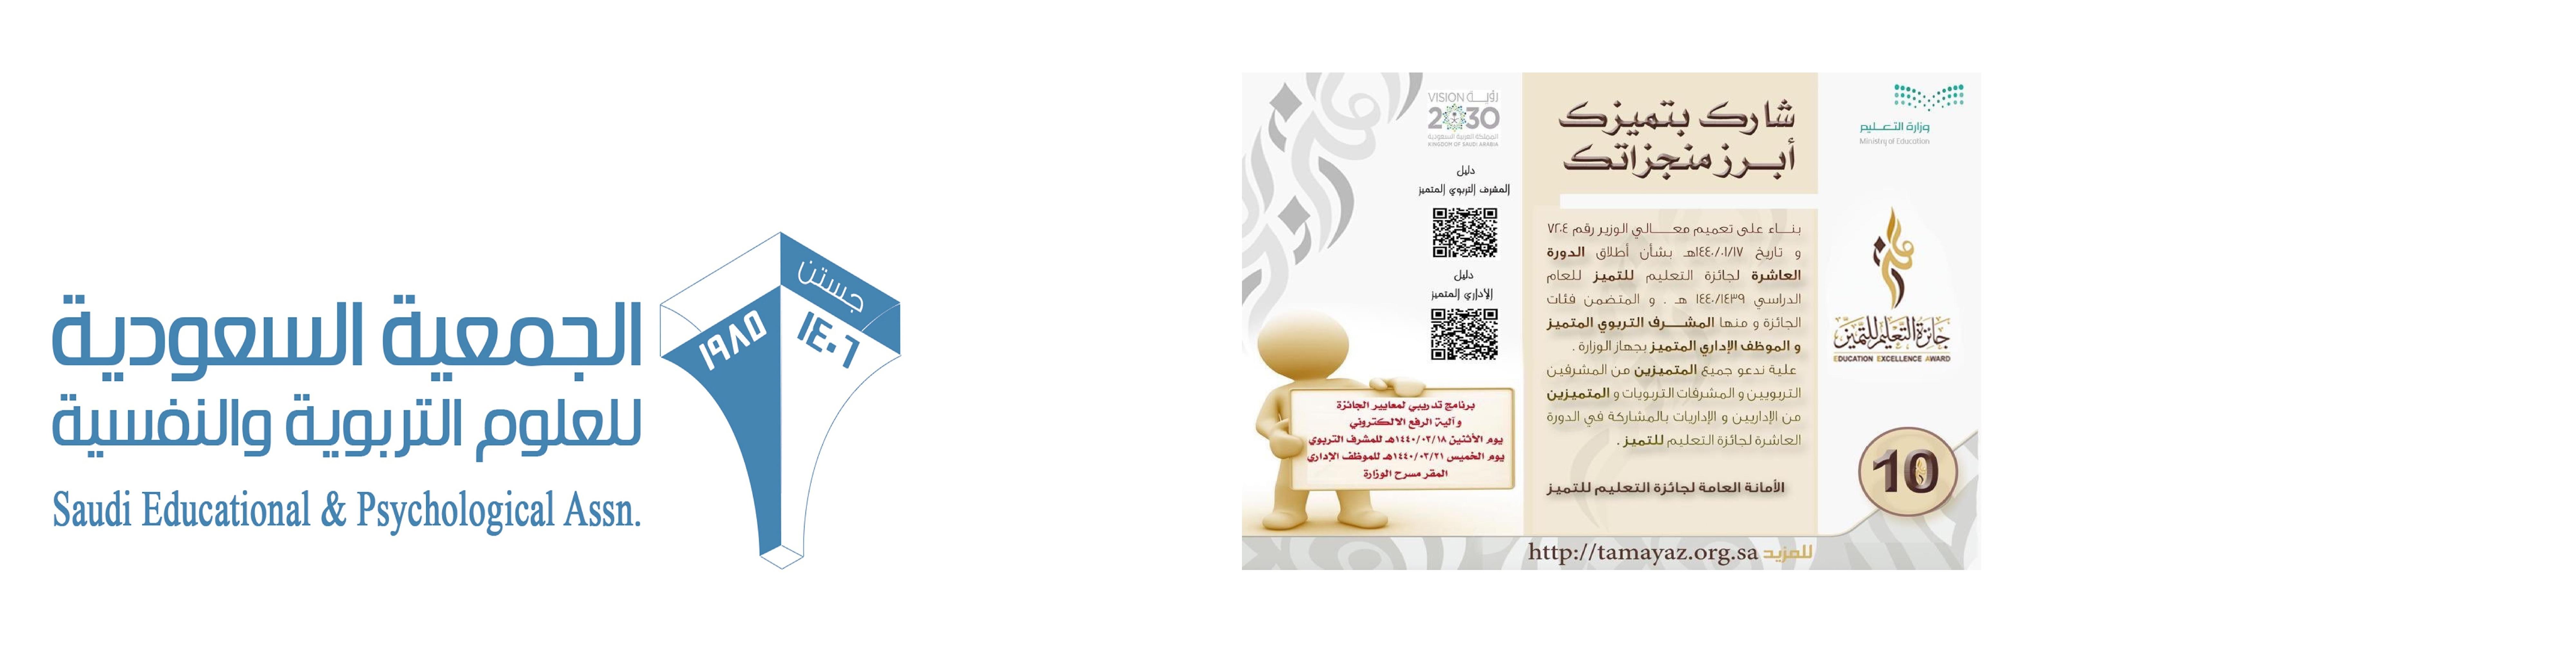 تقدم الأمانة لجائزة التعليم... - وندعو الراغبين من المشرفين...